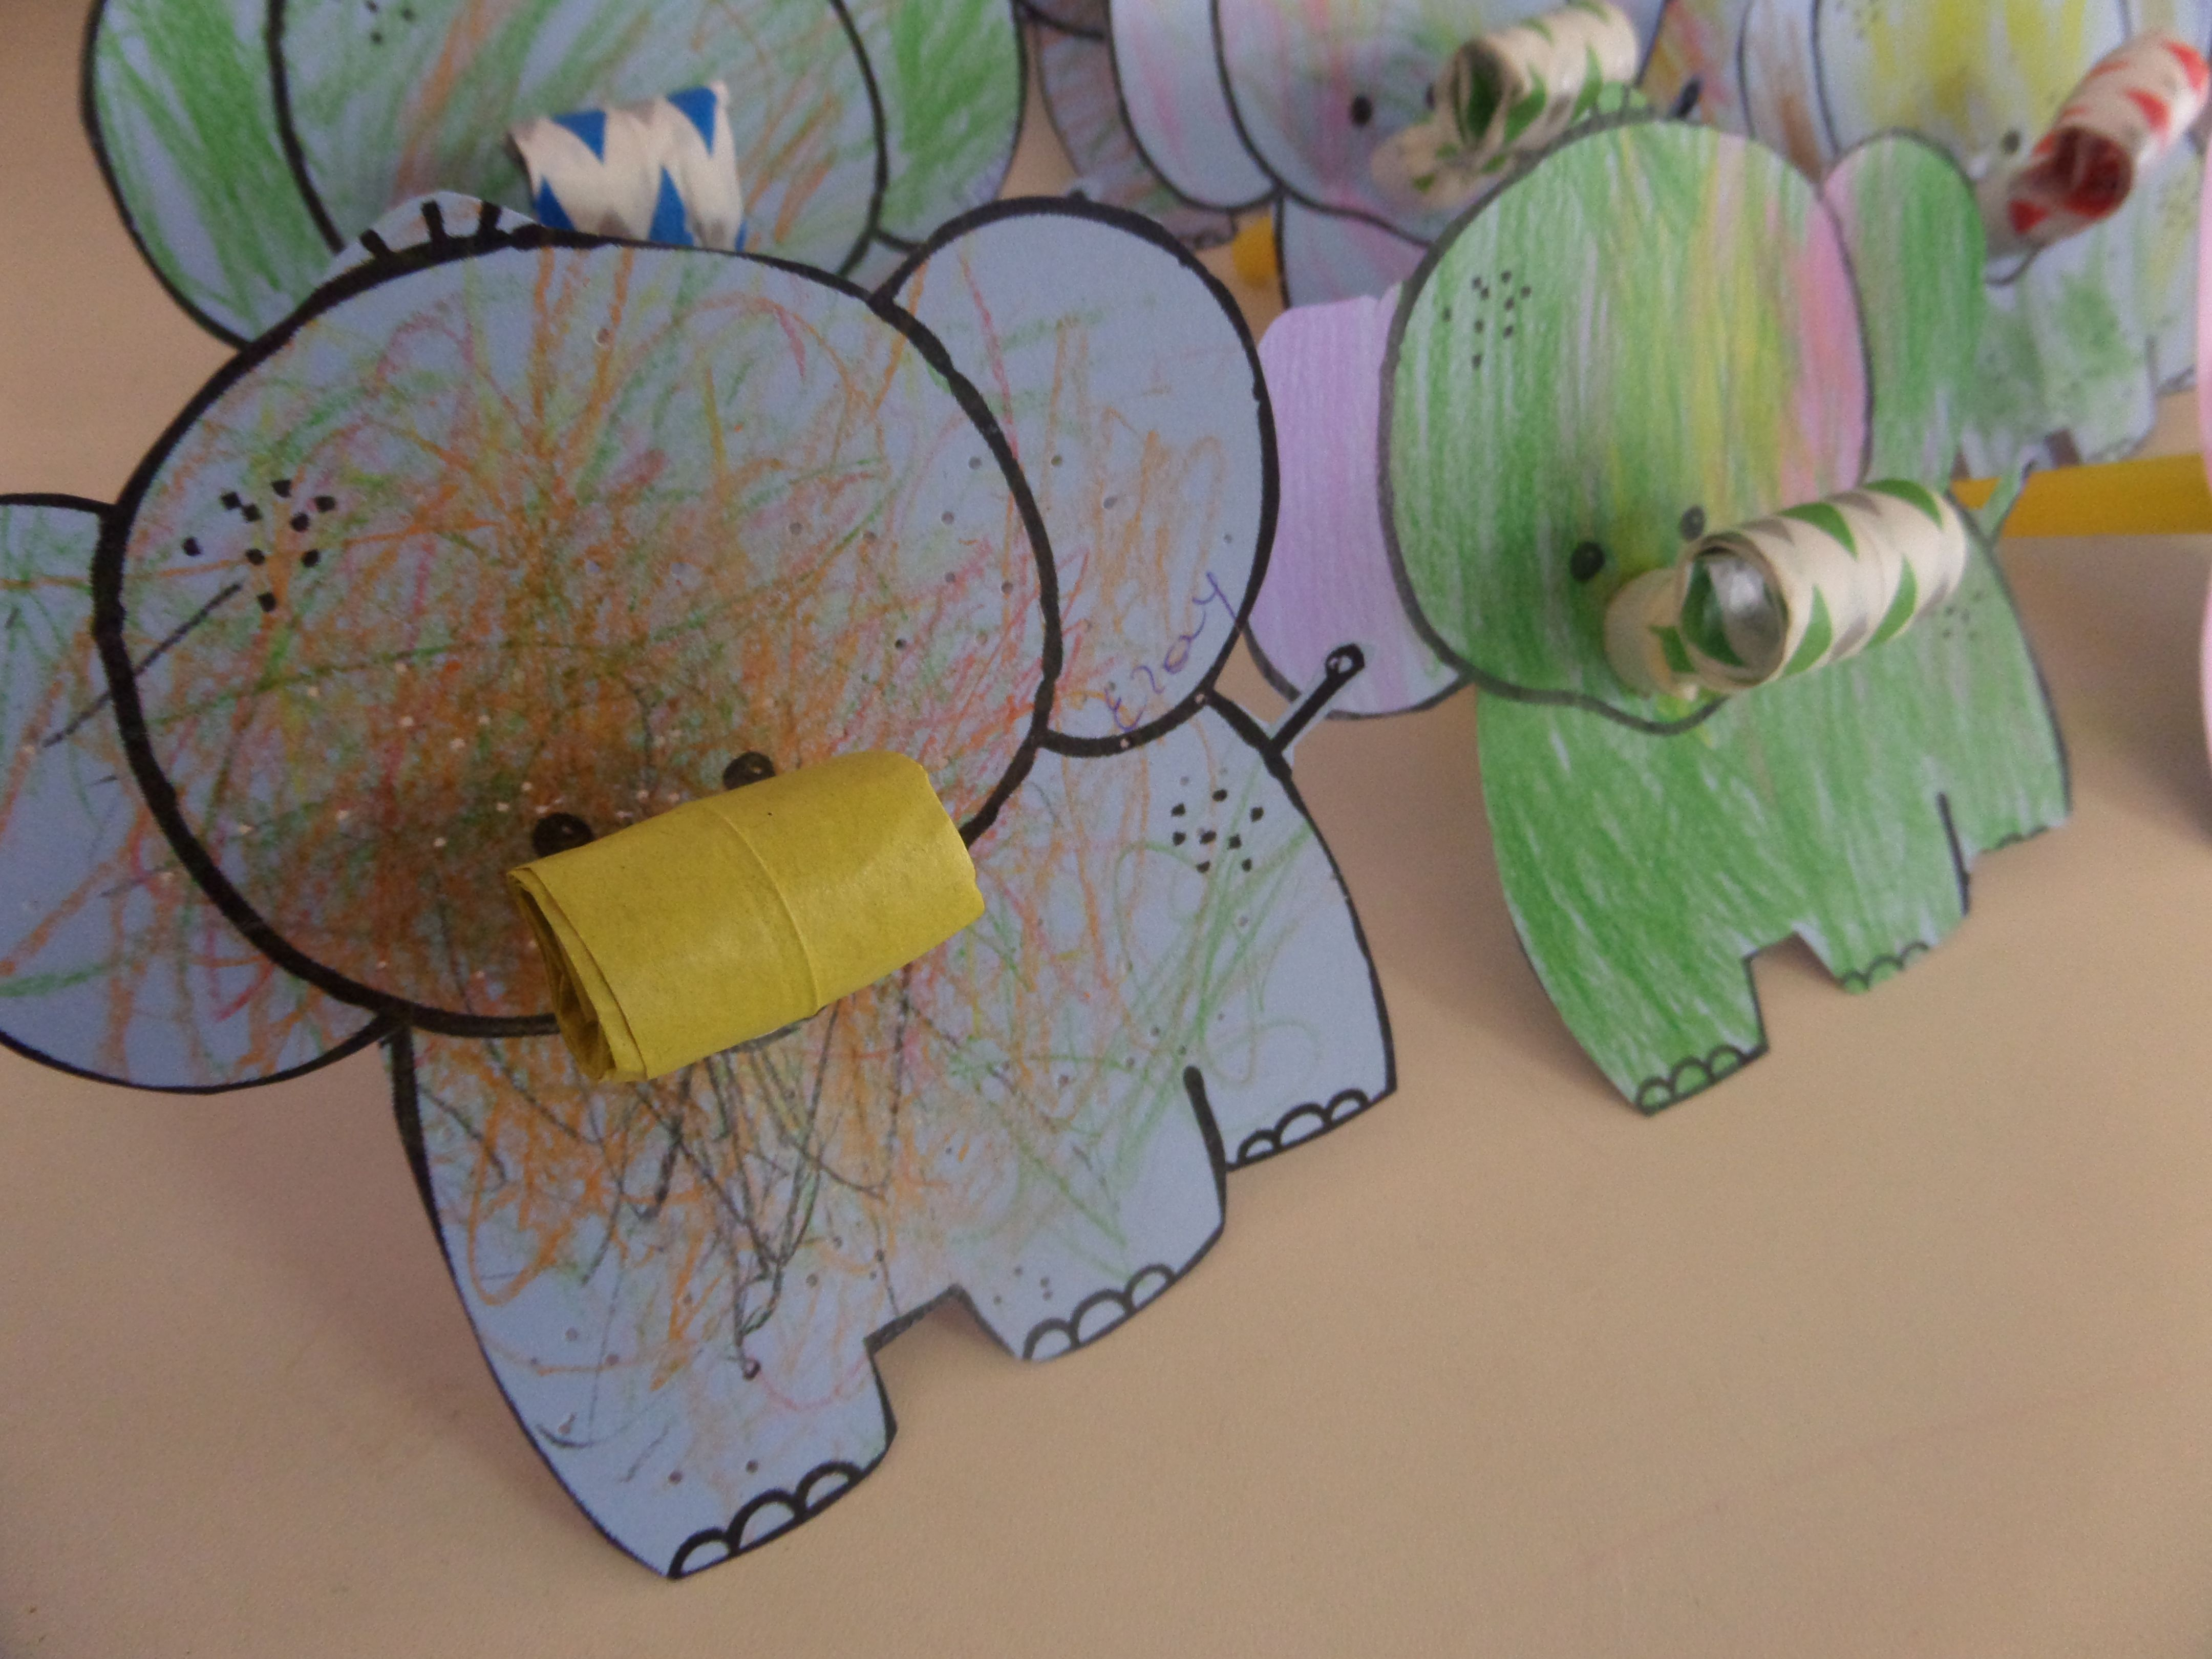 Mijn Toeter Olifantjes Kan Met Alle Dieren Bv Boek De Dansende Tam Tam Een Nijlpaard Olifant Knutselen Dierentuin Knutselen Dieren Knutselen